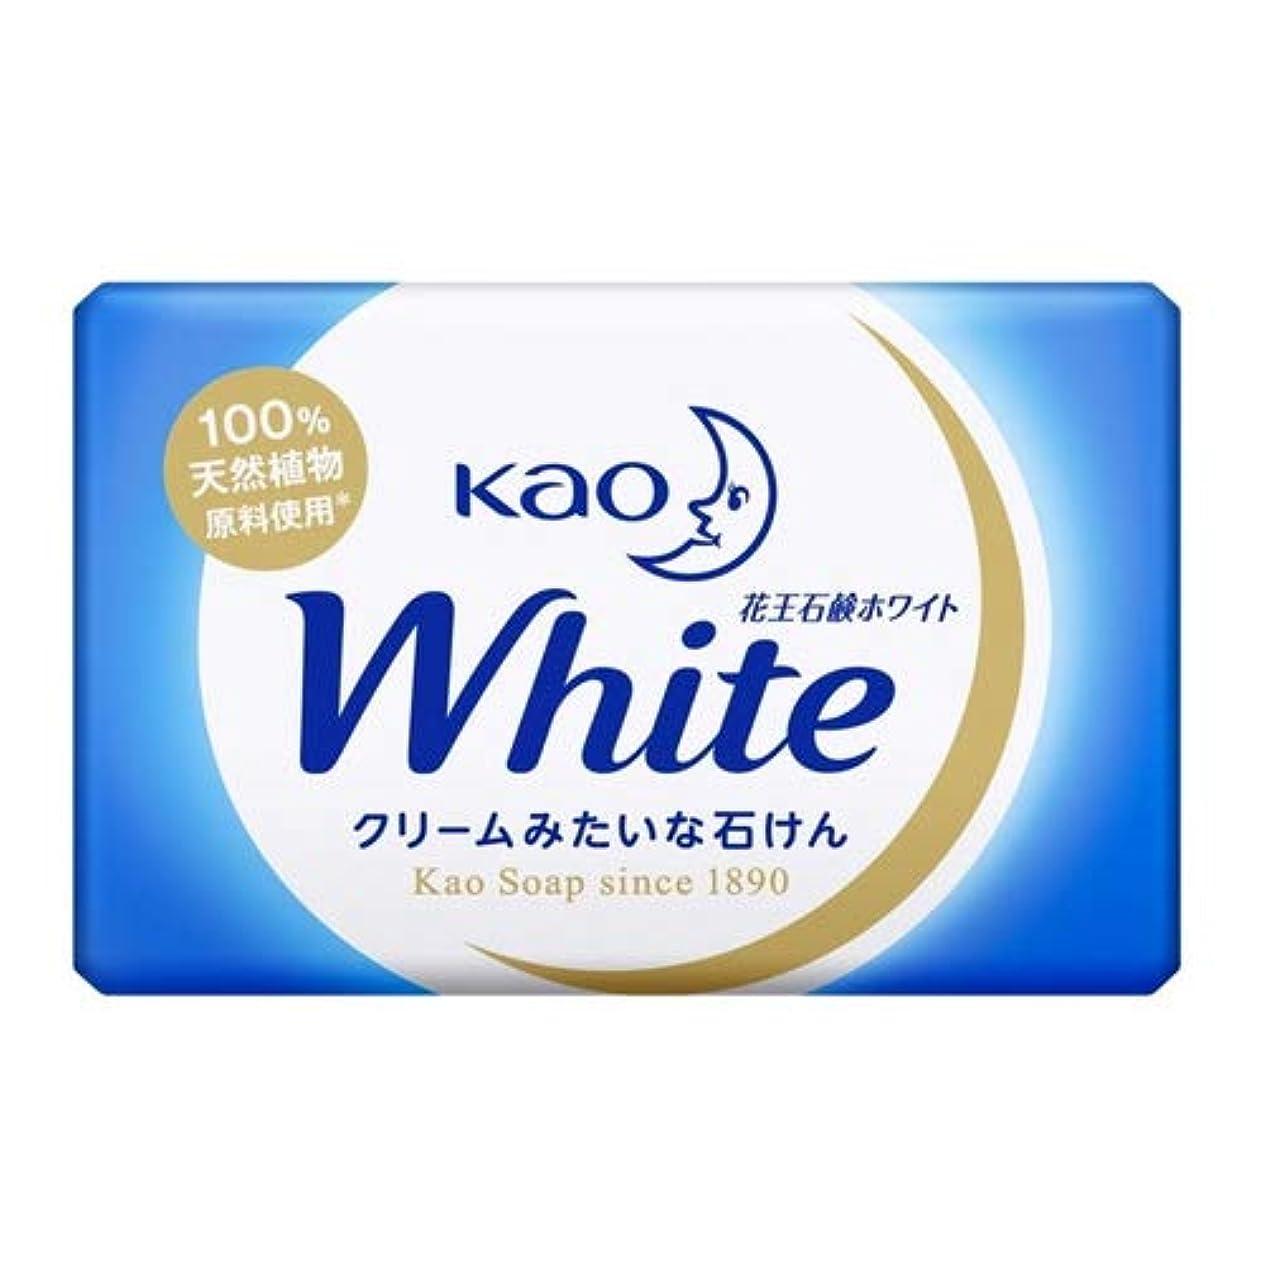 技術探す静かに花王石鹸ホワイト 業務用ミニサイズ 15g × 10個セット